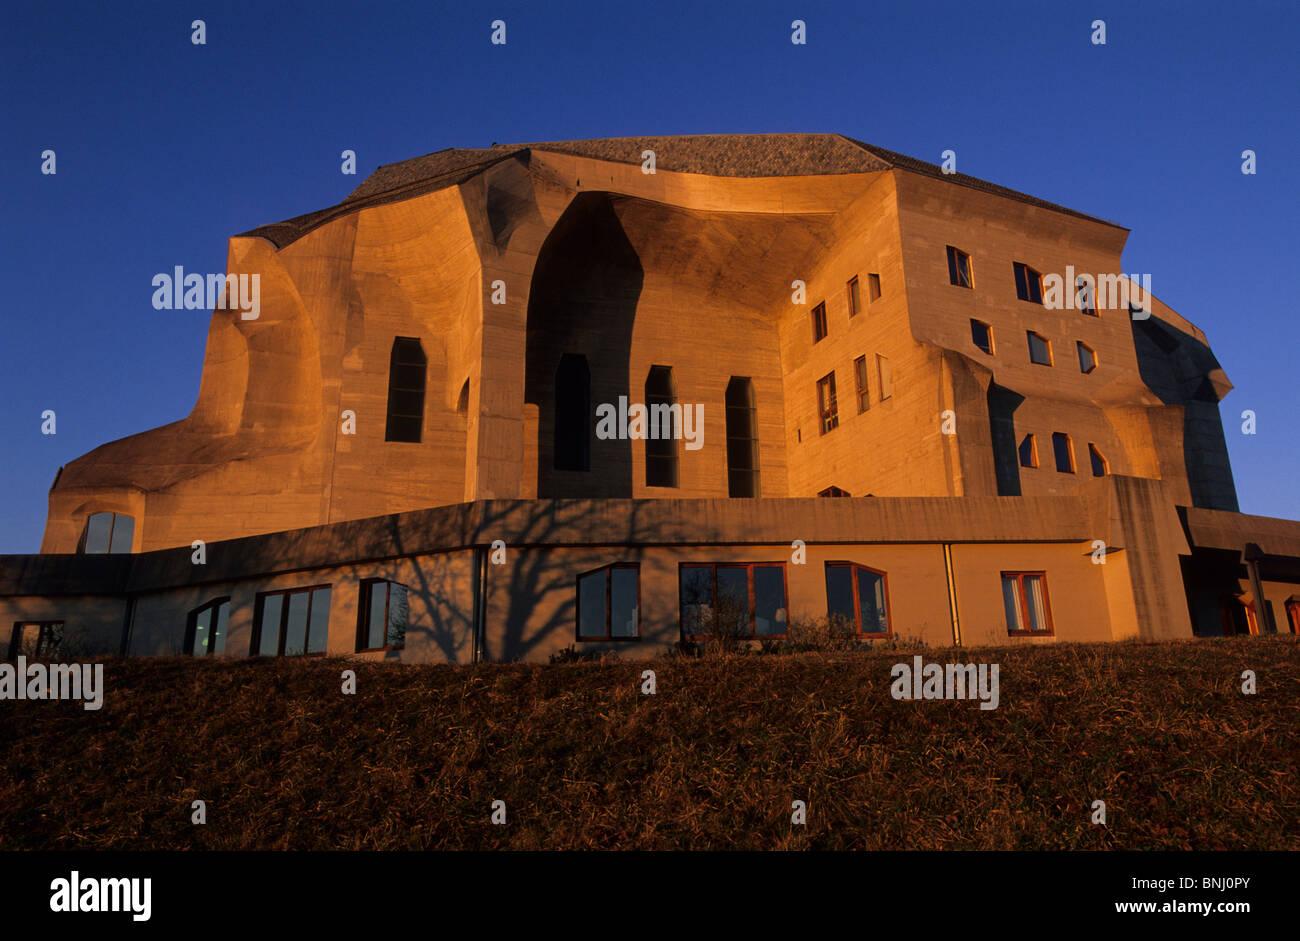 Rudolf Steiner Architektur europa schweiz kanton solothurn dornach goetheanum